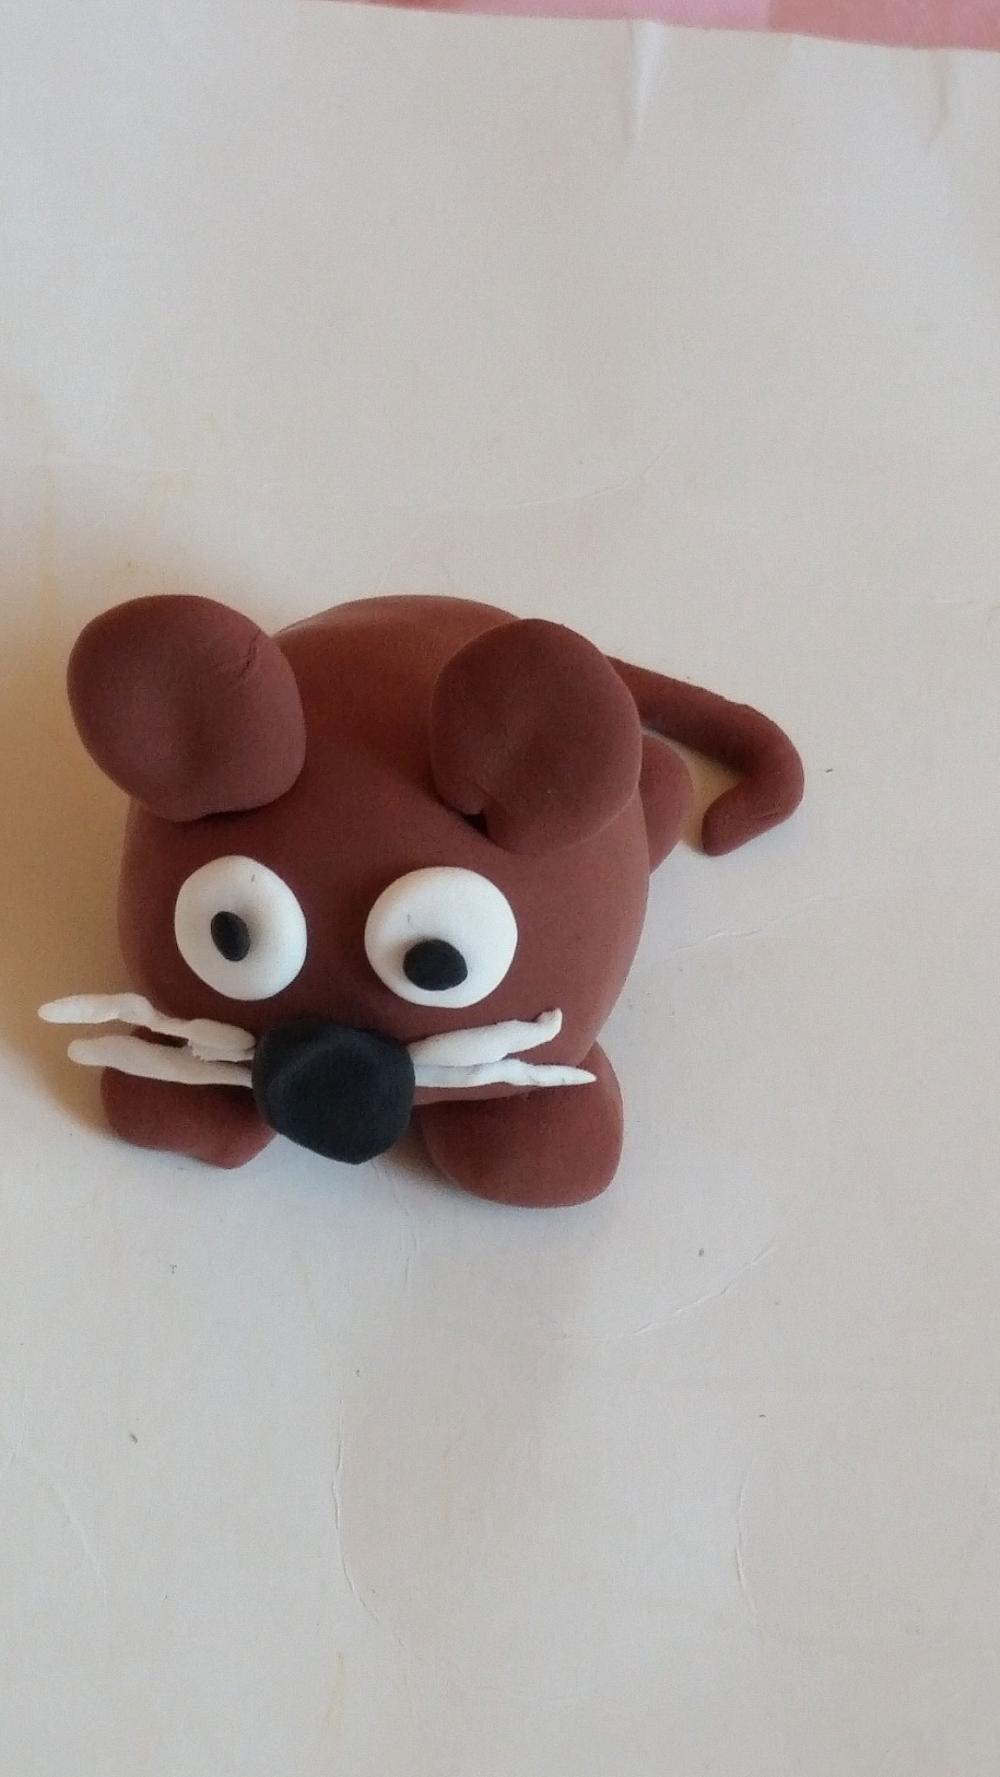 如何用彩泥做一个可爱的小老鼠 老鼠橡皮泥手工制作步骤